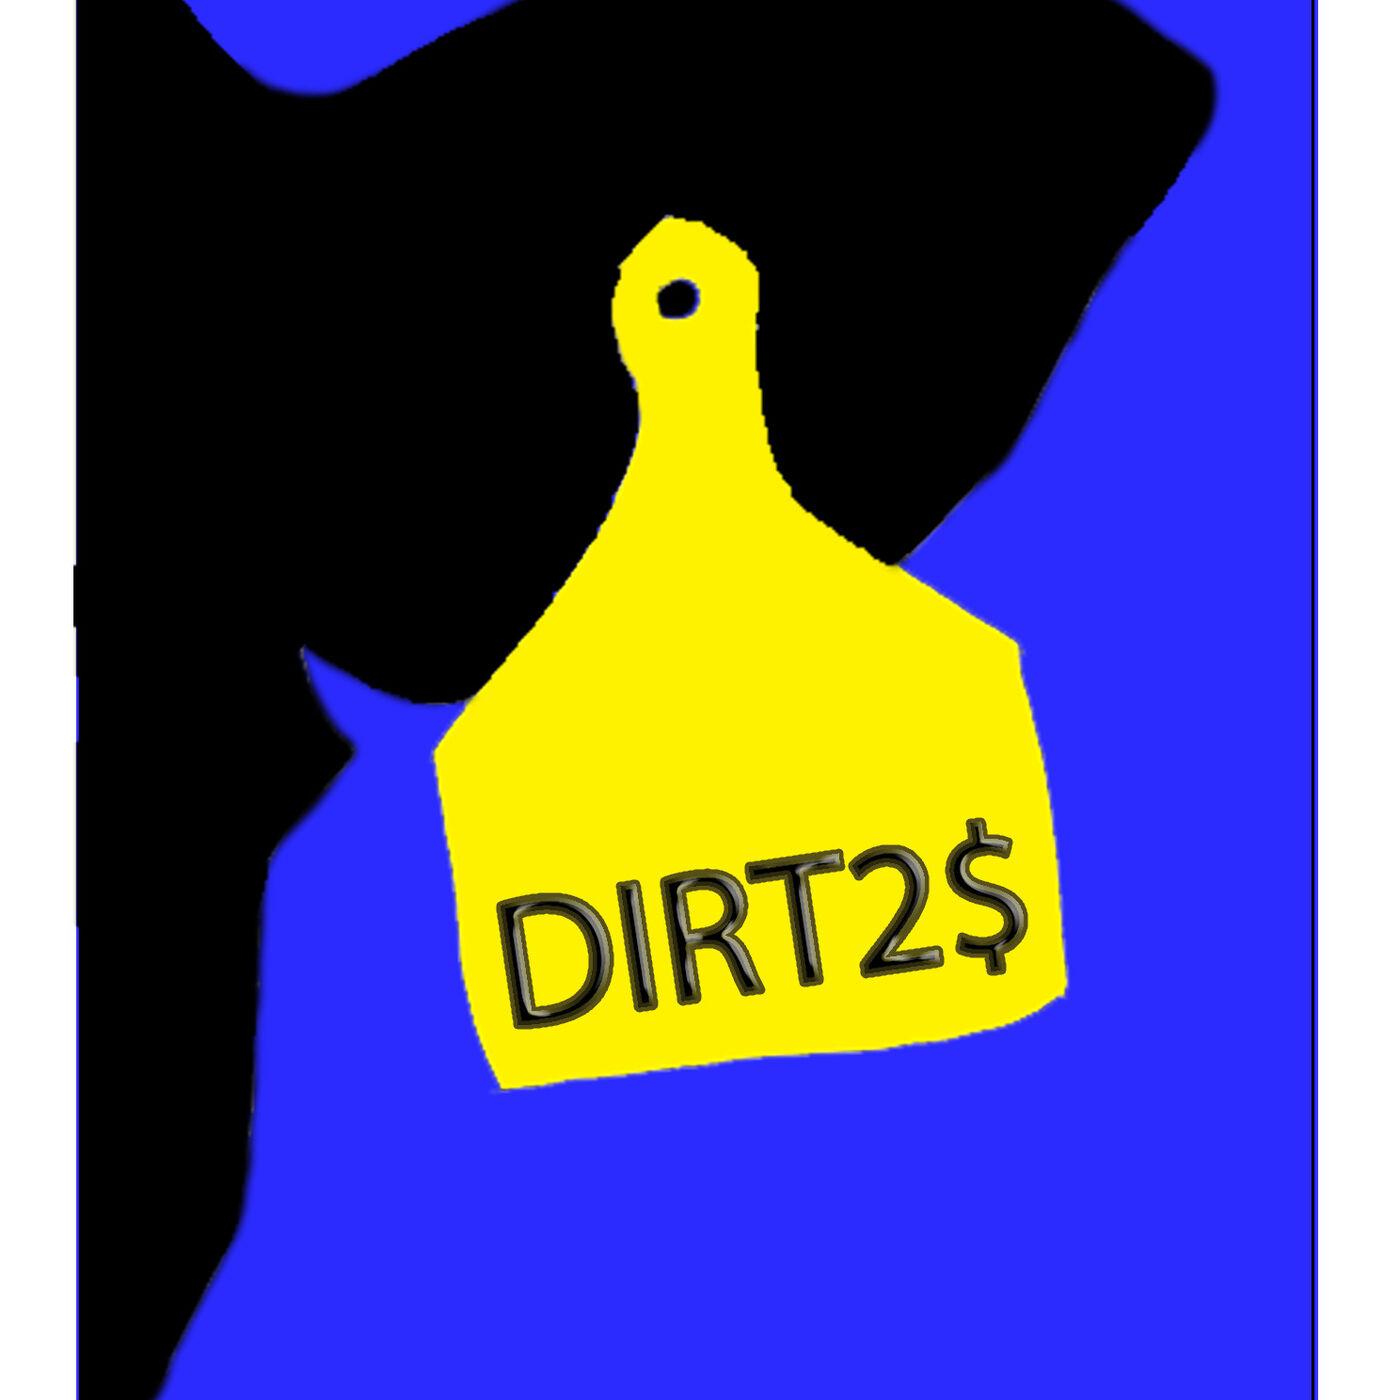 Dirt 2 Dollars